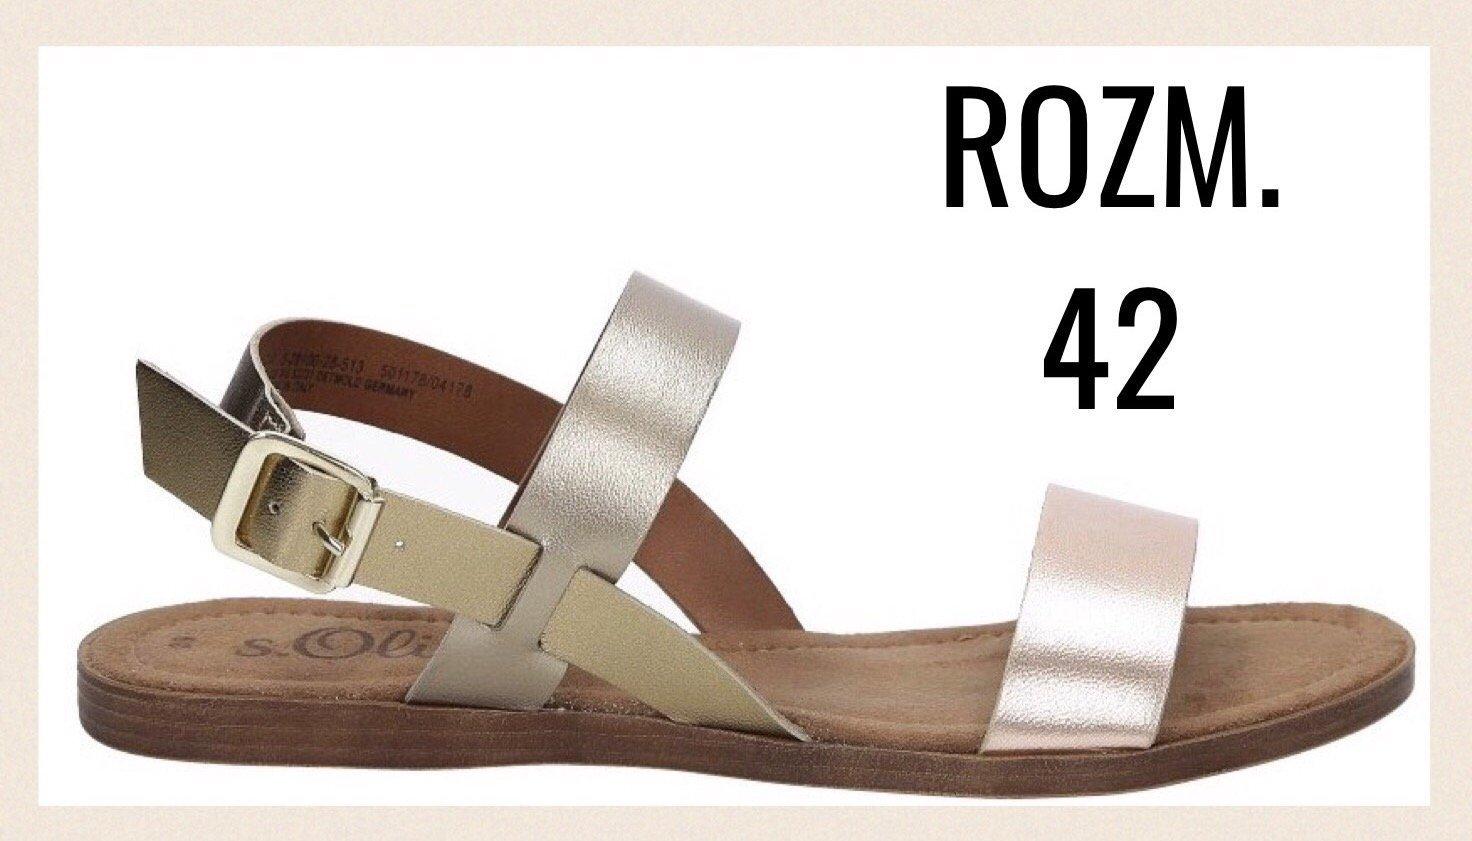 00723f0dbcbf32 Blog - Małe i duże buty damskie - Sklep internetowy Casu.pl